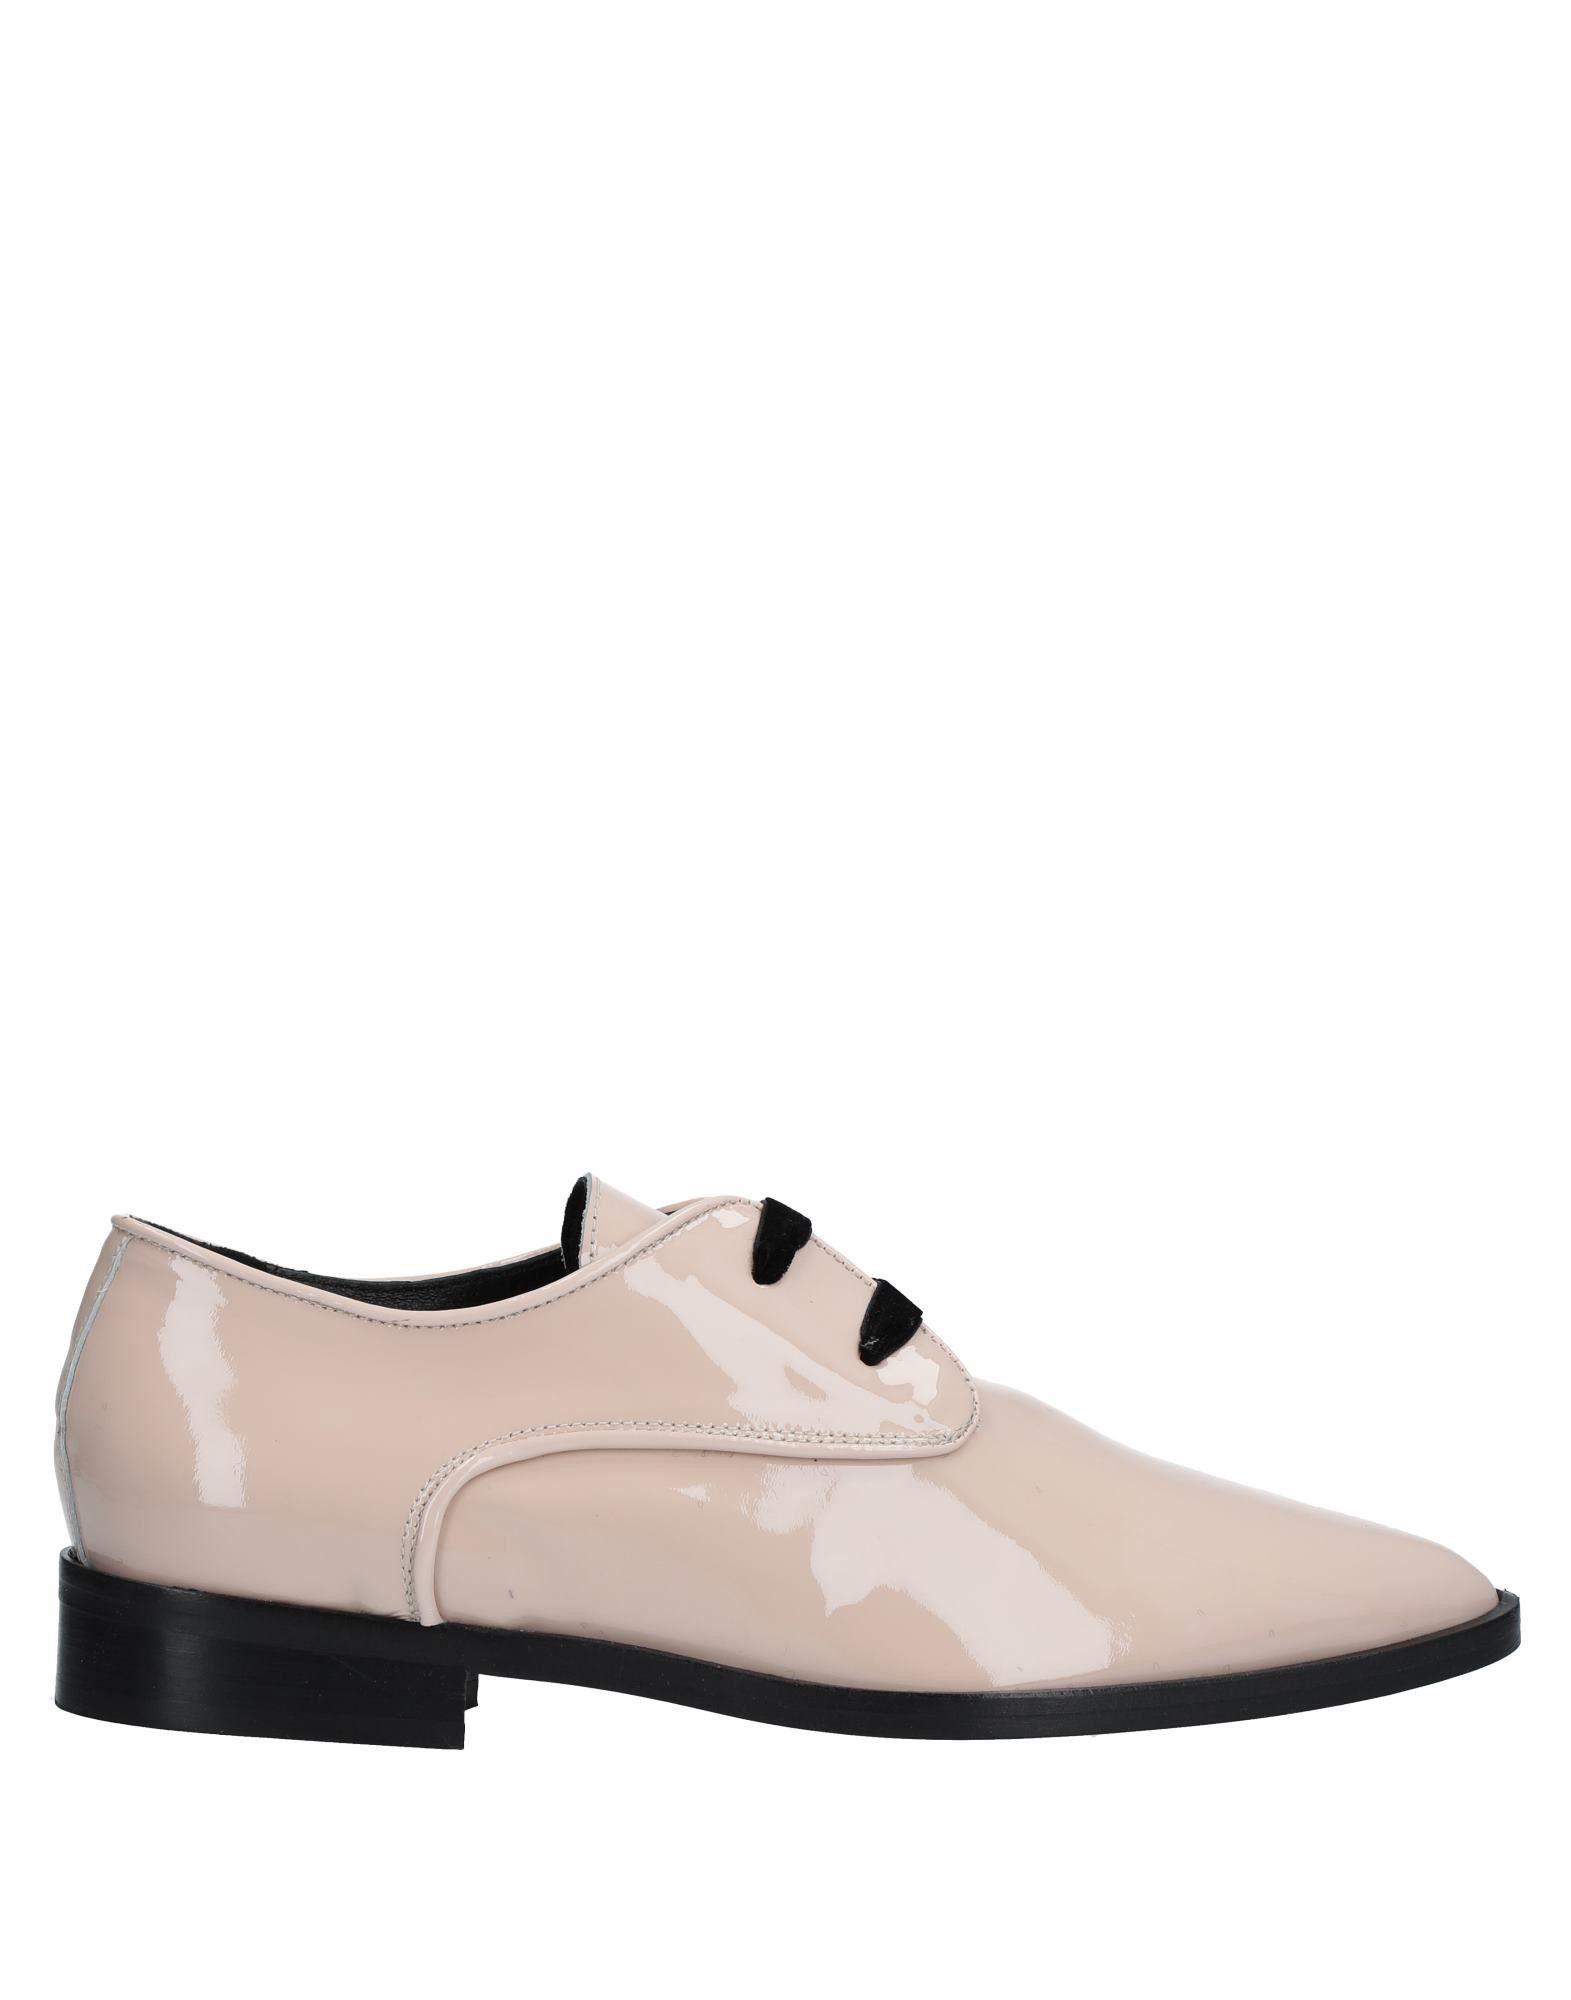 Stringate Maison Shoeshibar Donna - 11537094WU